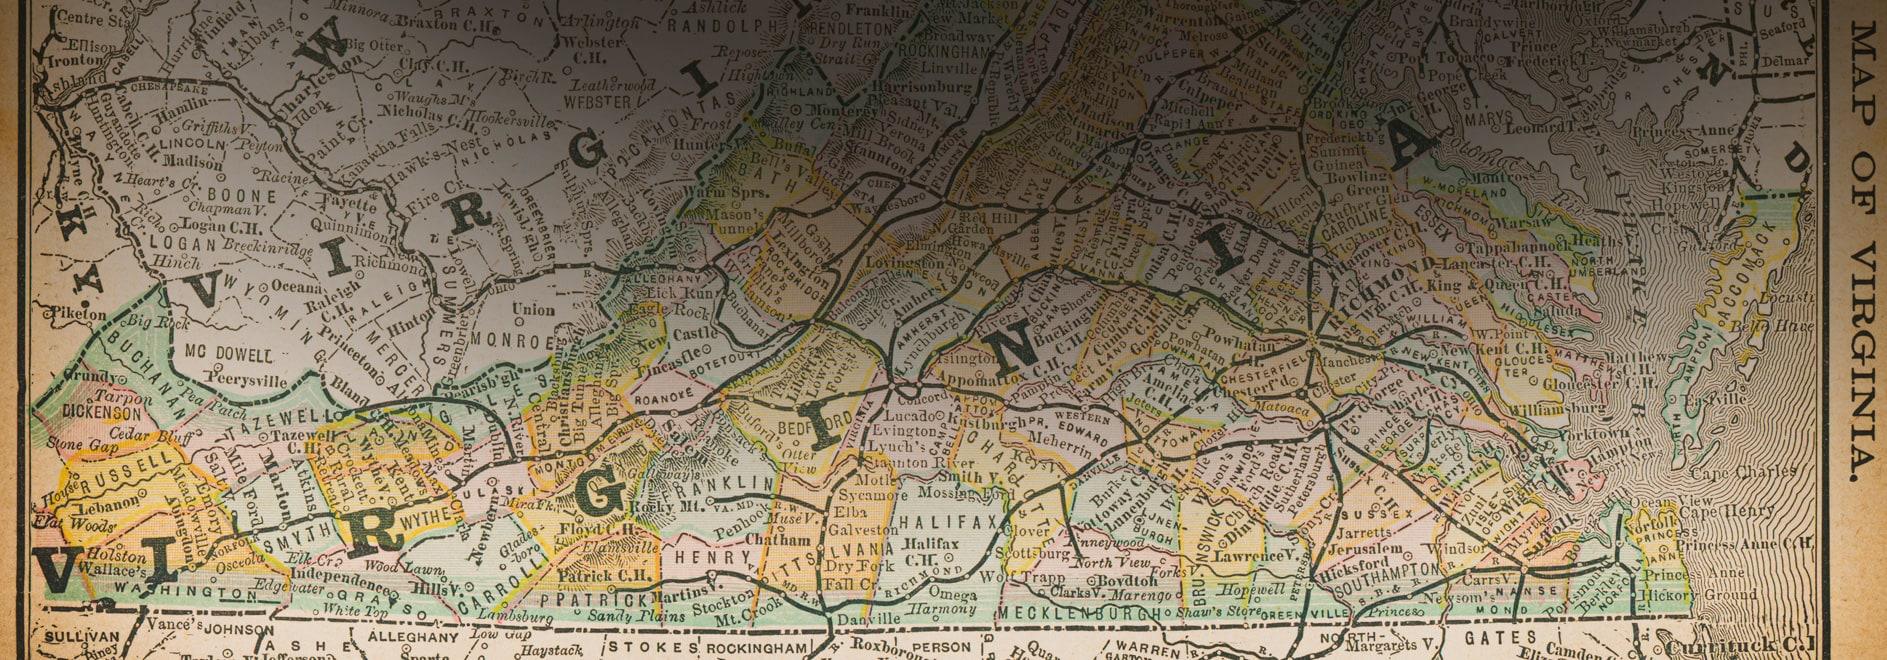 Web Design Frederick County VA